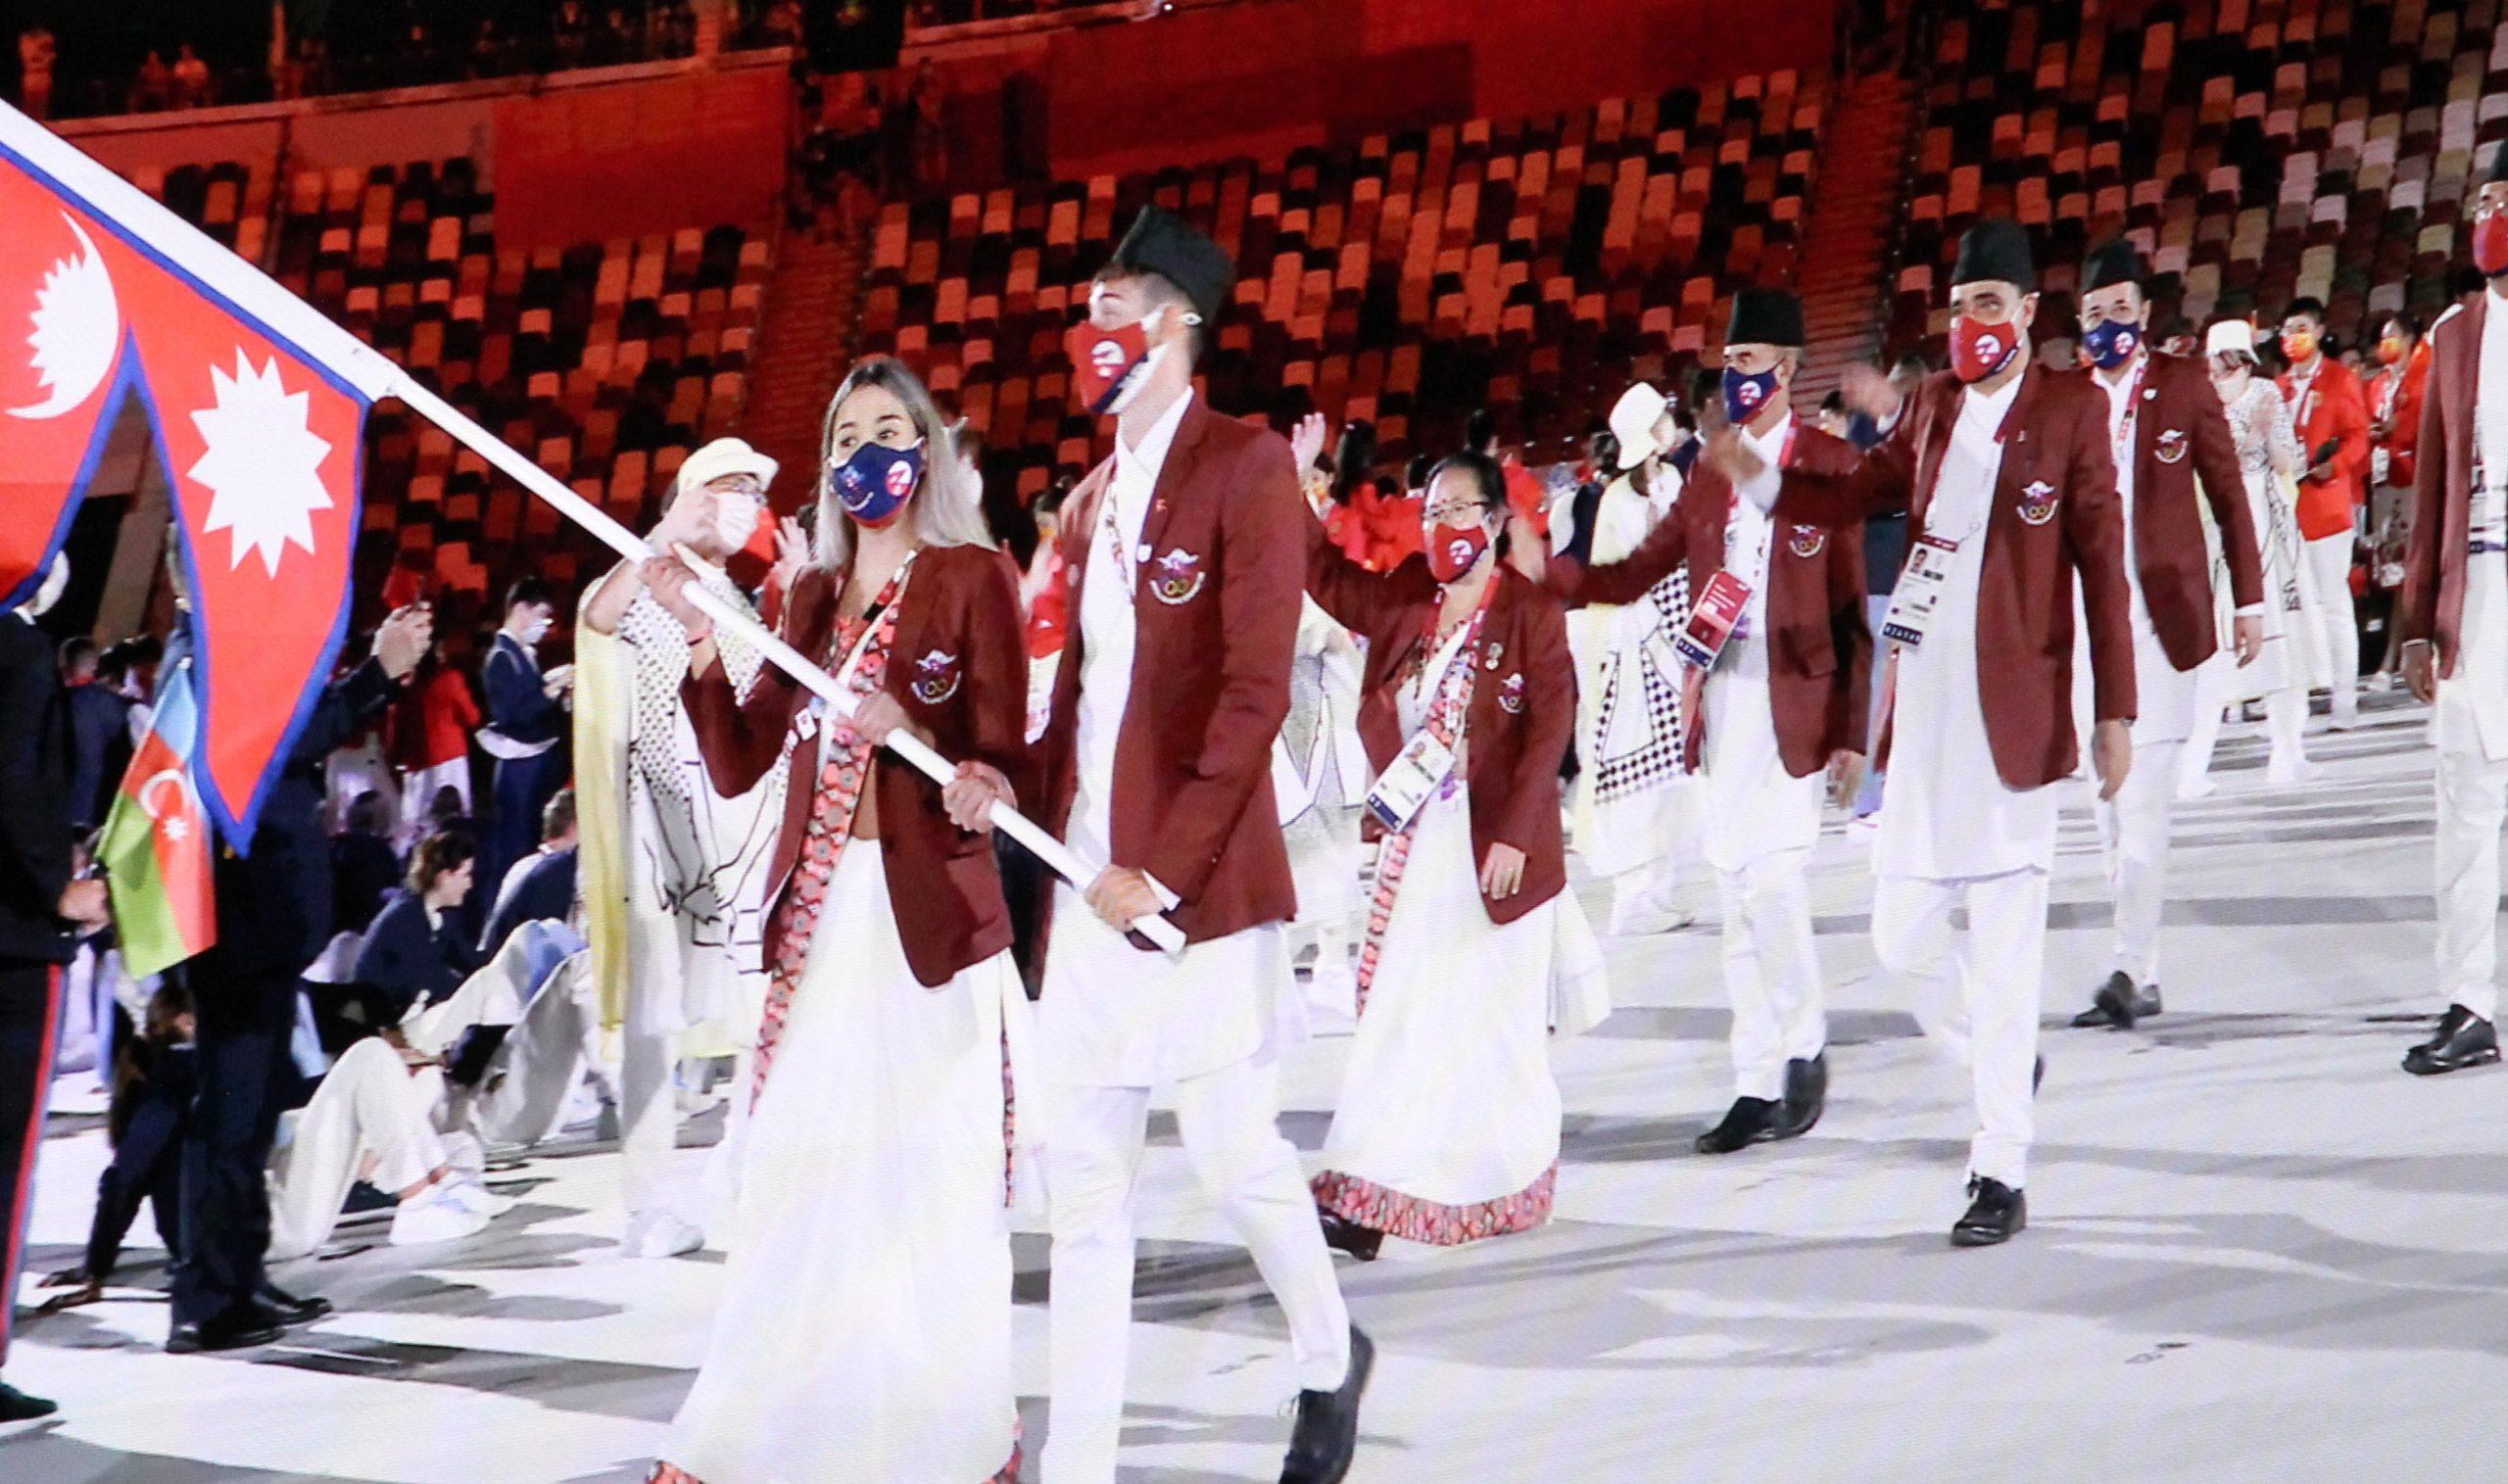 टोकियो ओलम्पिक उद्घाटनः खालि स्टेडियममा मार्चपास, ३५० करोडले हेरे लाइभ